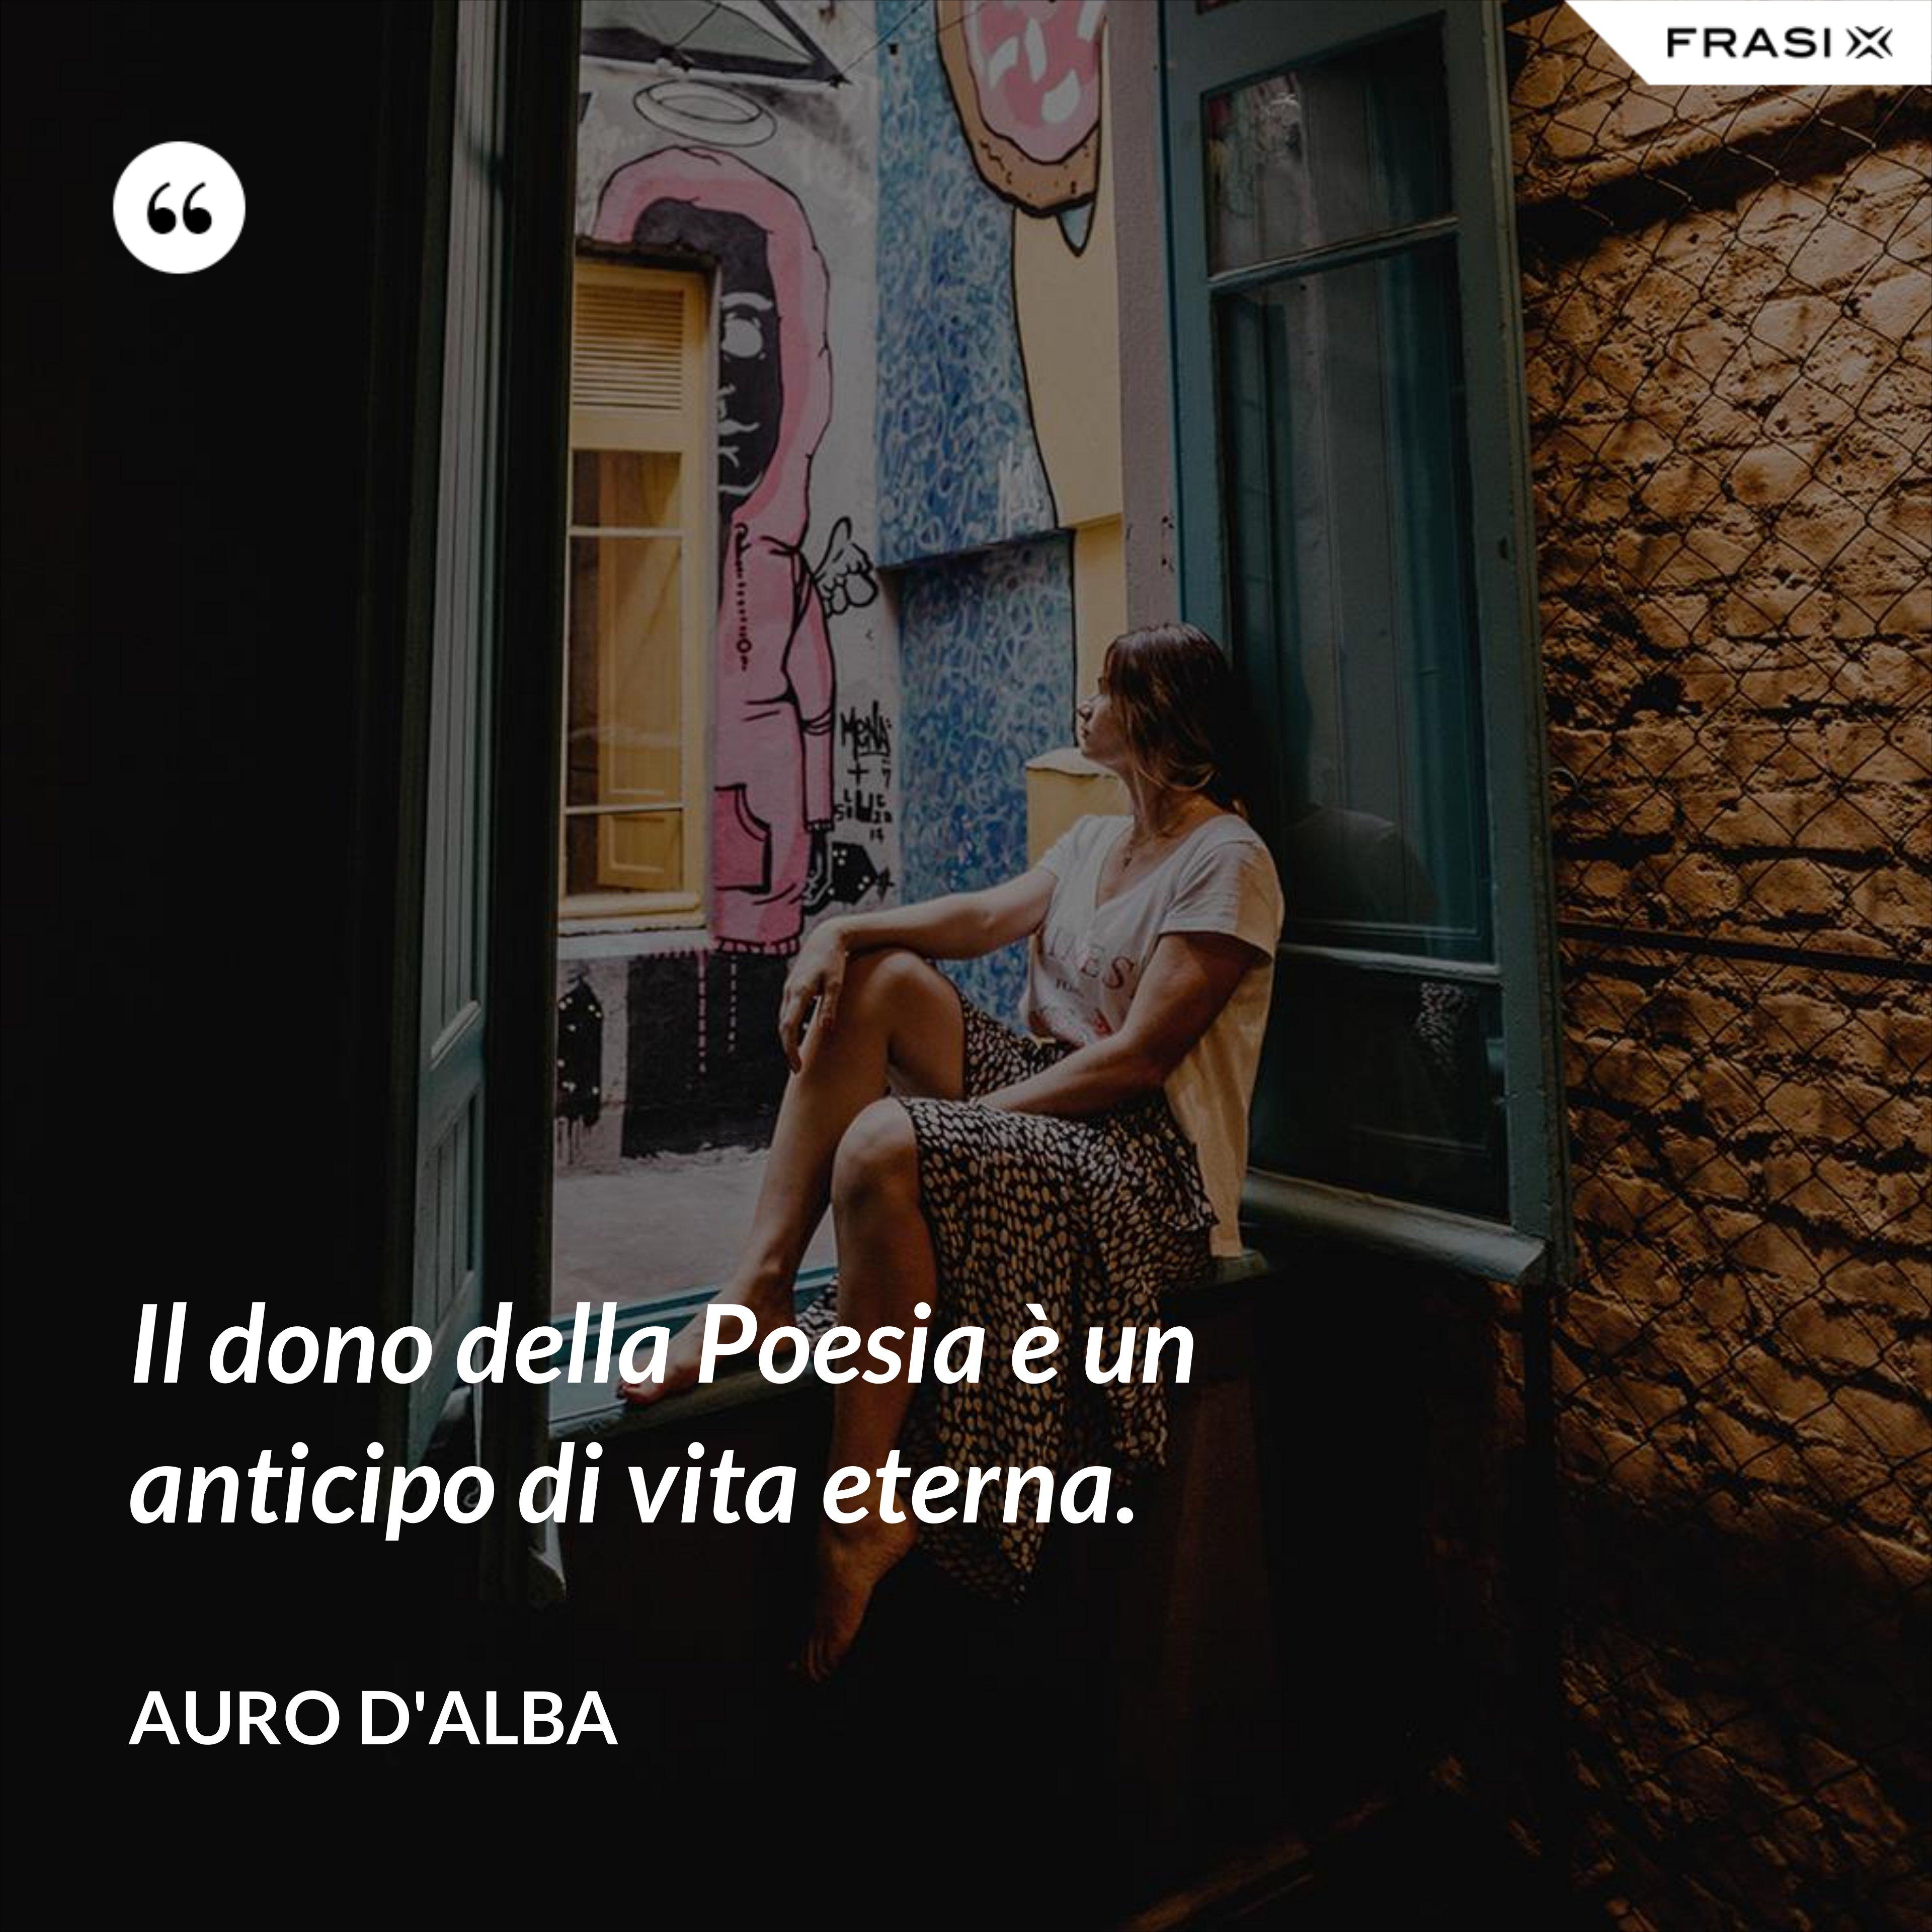 Il dono della Poesia è un anticipo di vita eterna. - Auro D'Alba